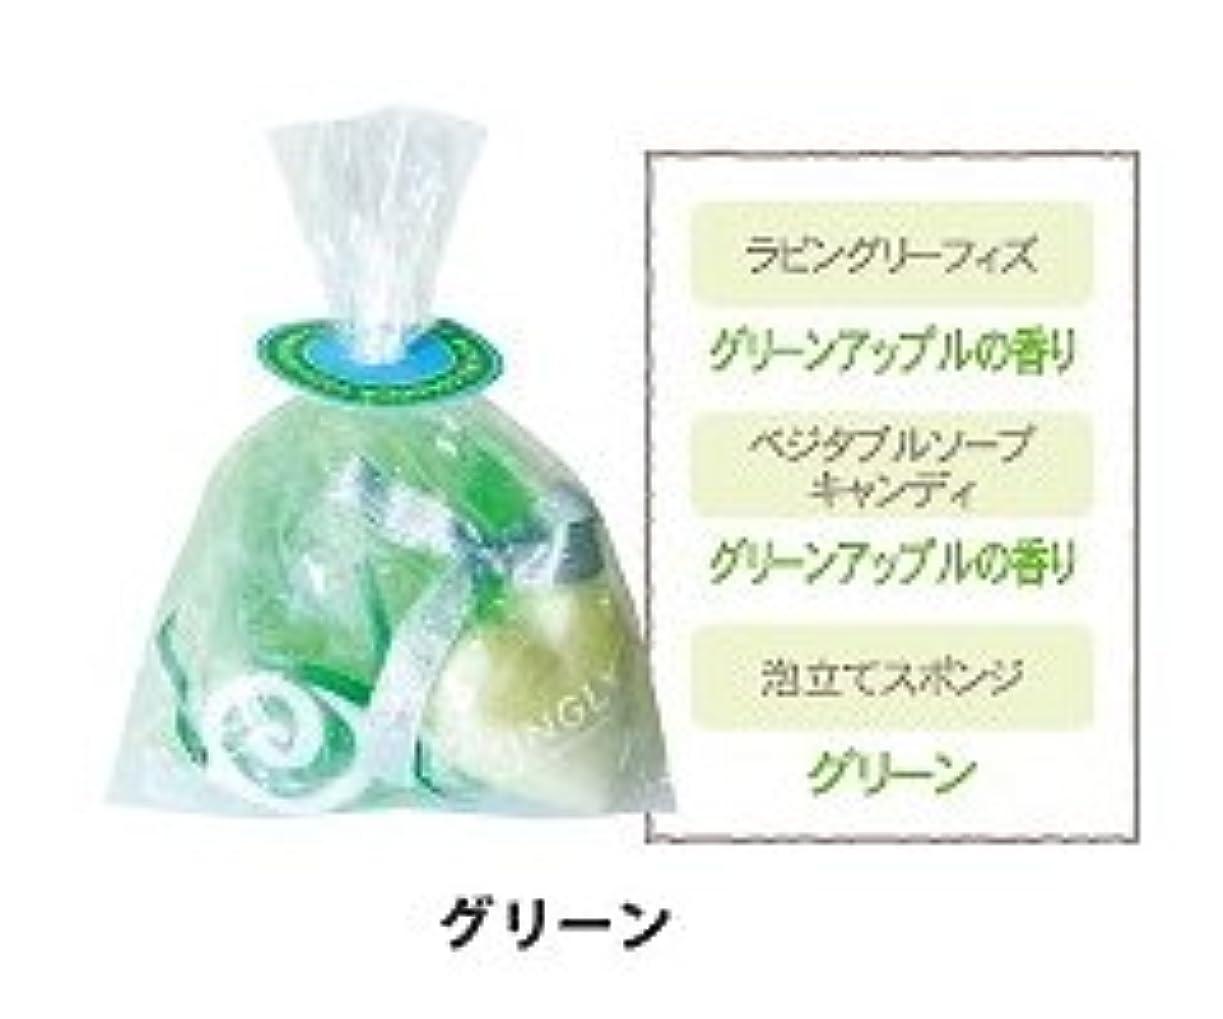 ふざけた親密な悪質なカラフルキャンディ バスバッグ グリーン 12個セット